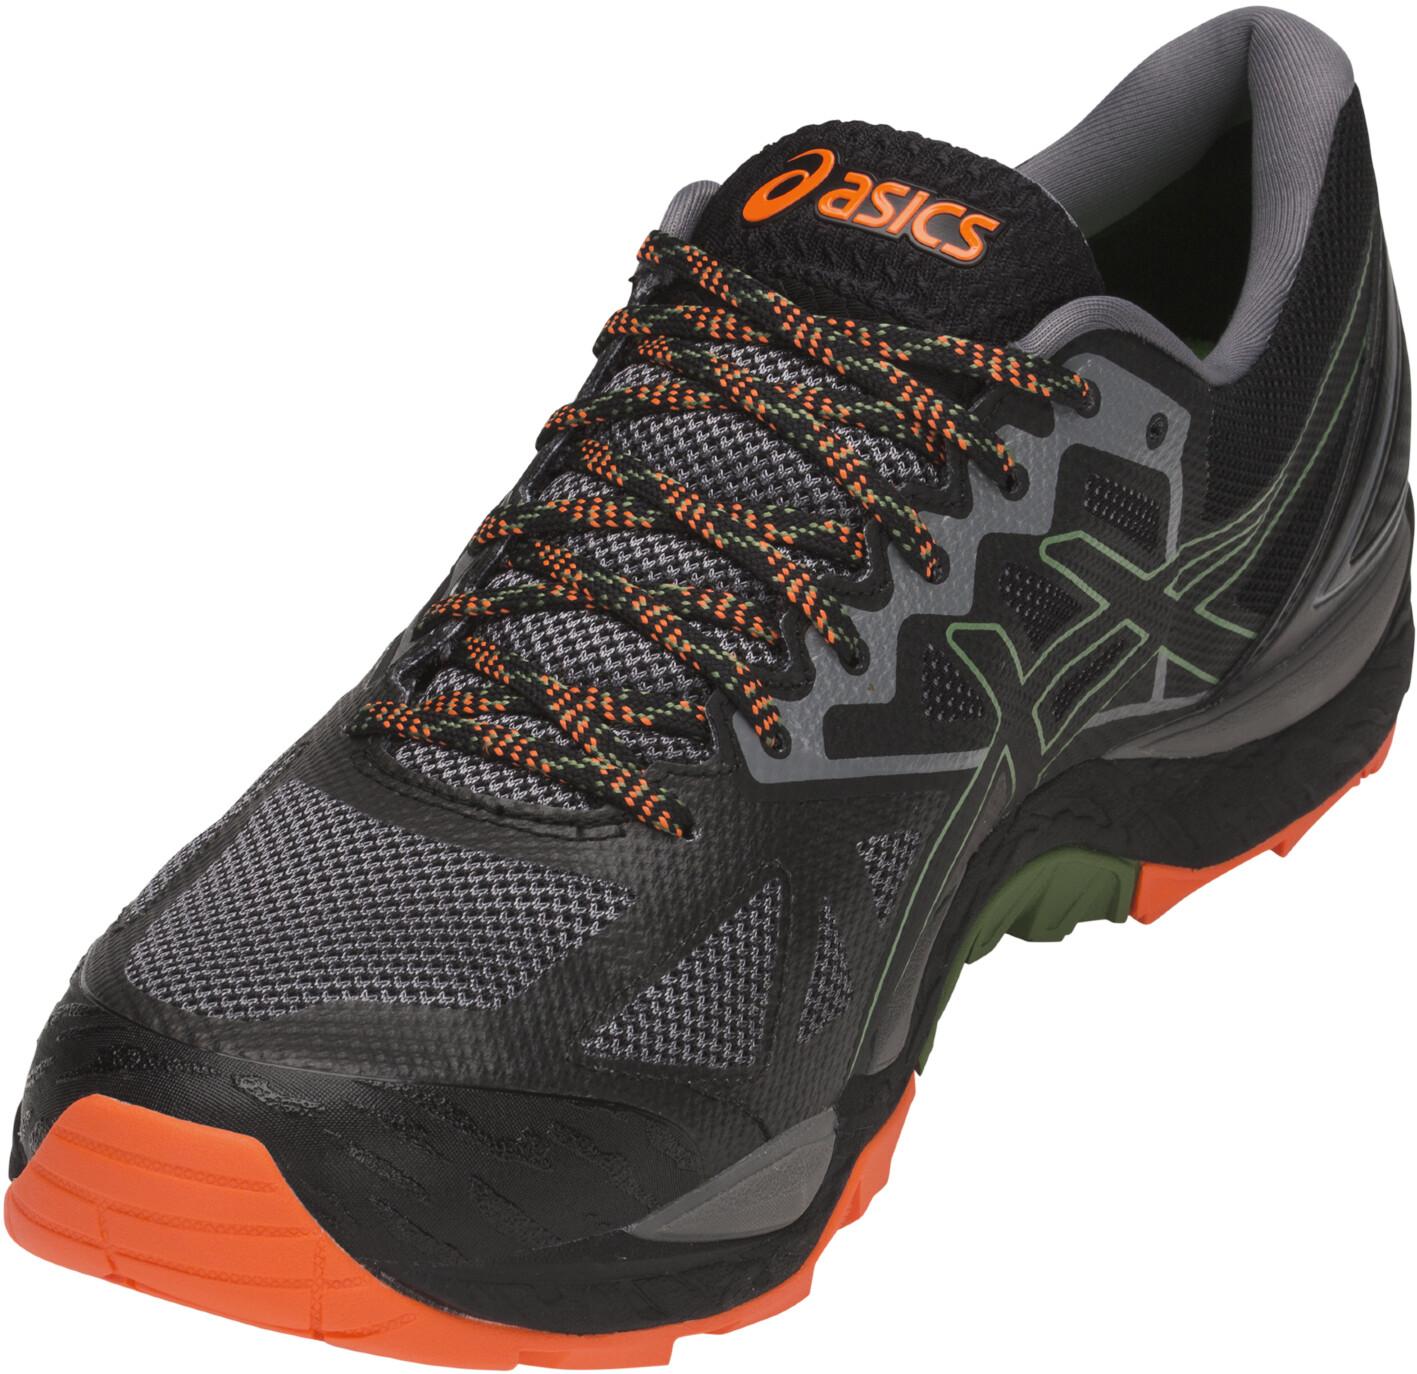 3d57b2a25e2978 asics Gel-Fujitrabuco 6 G-TX Shoes Men Carbon Black